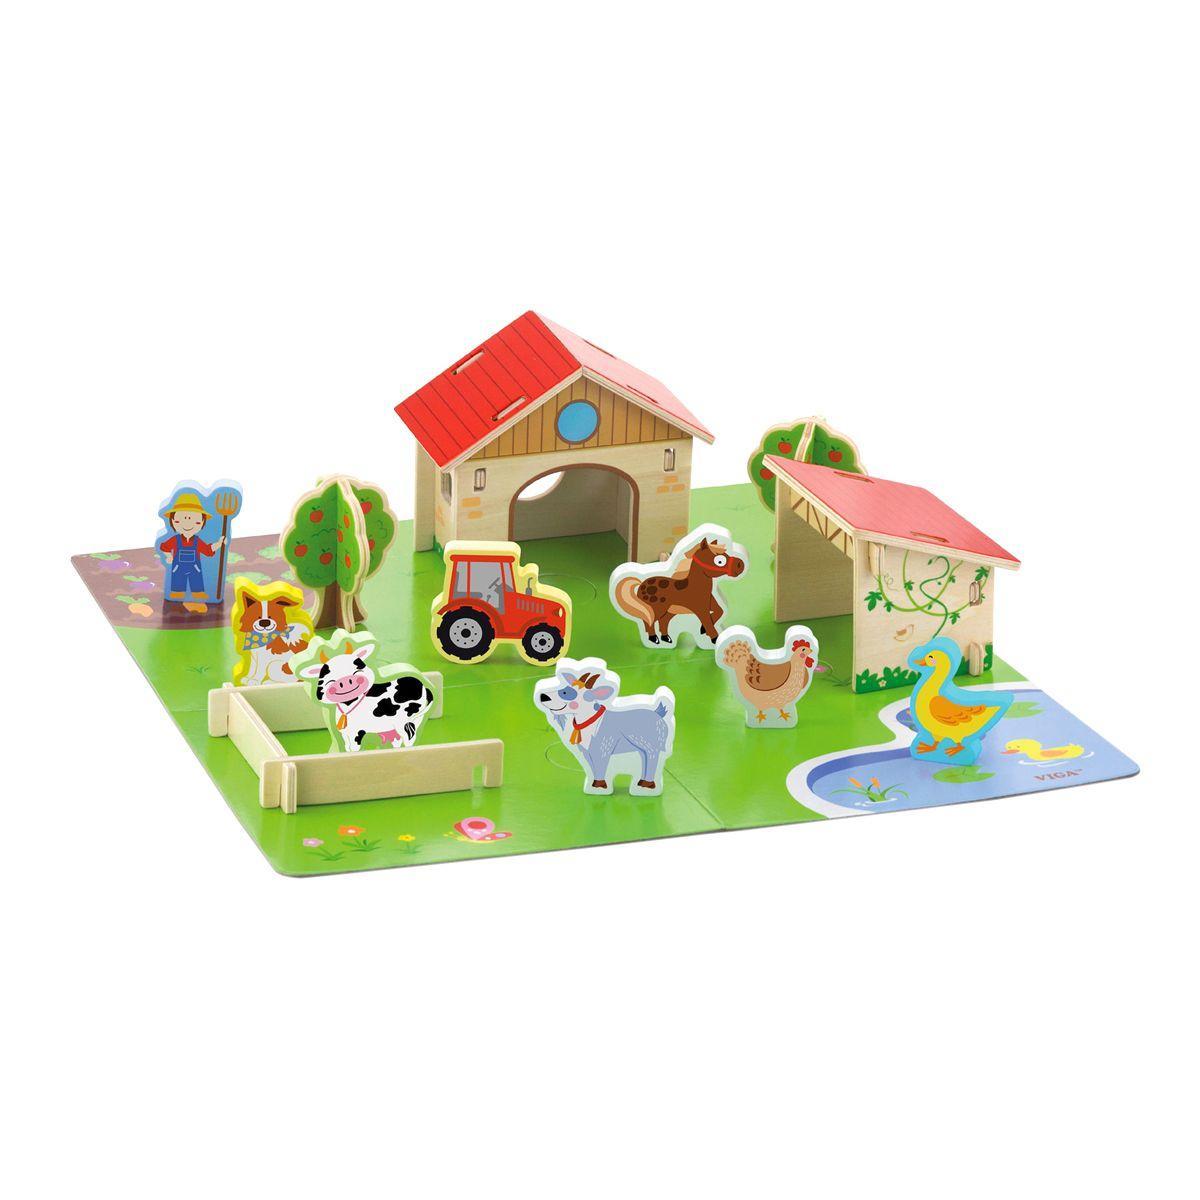 Игровой набор Ферма Viga Toys 50540